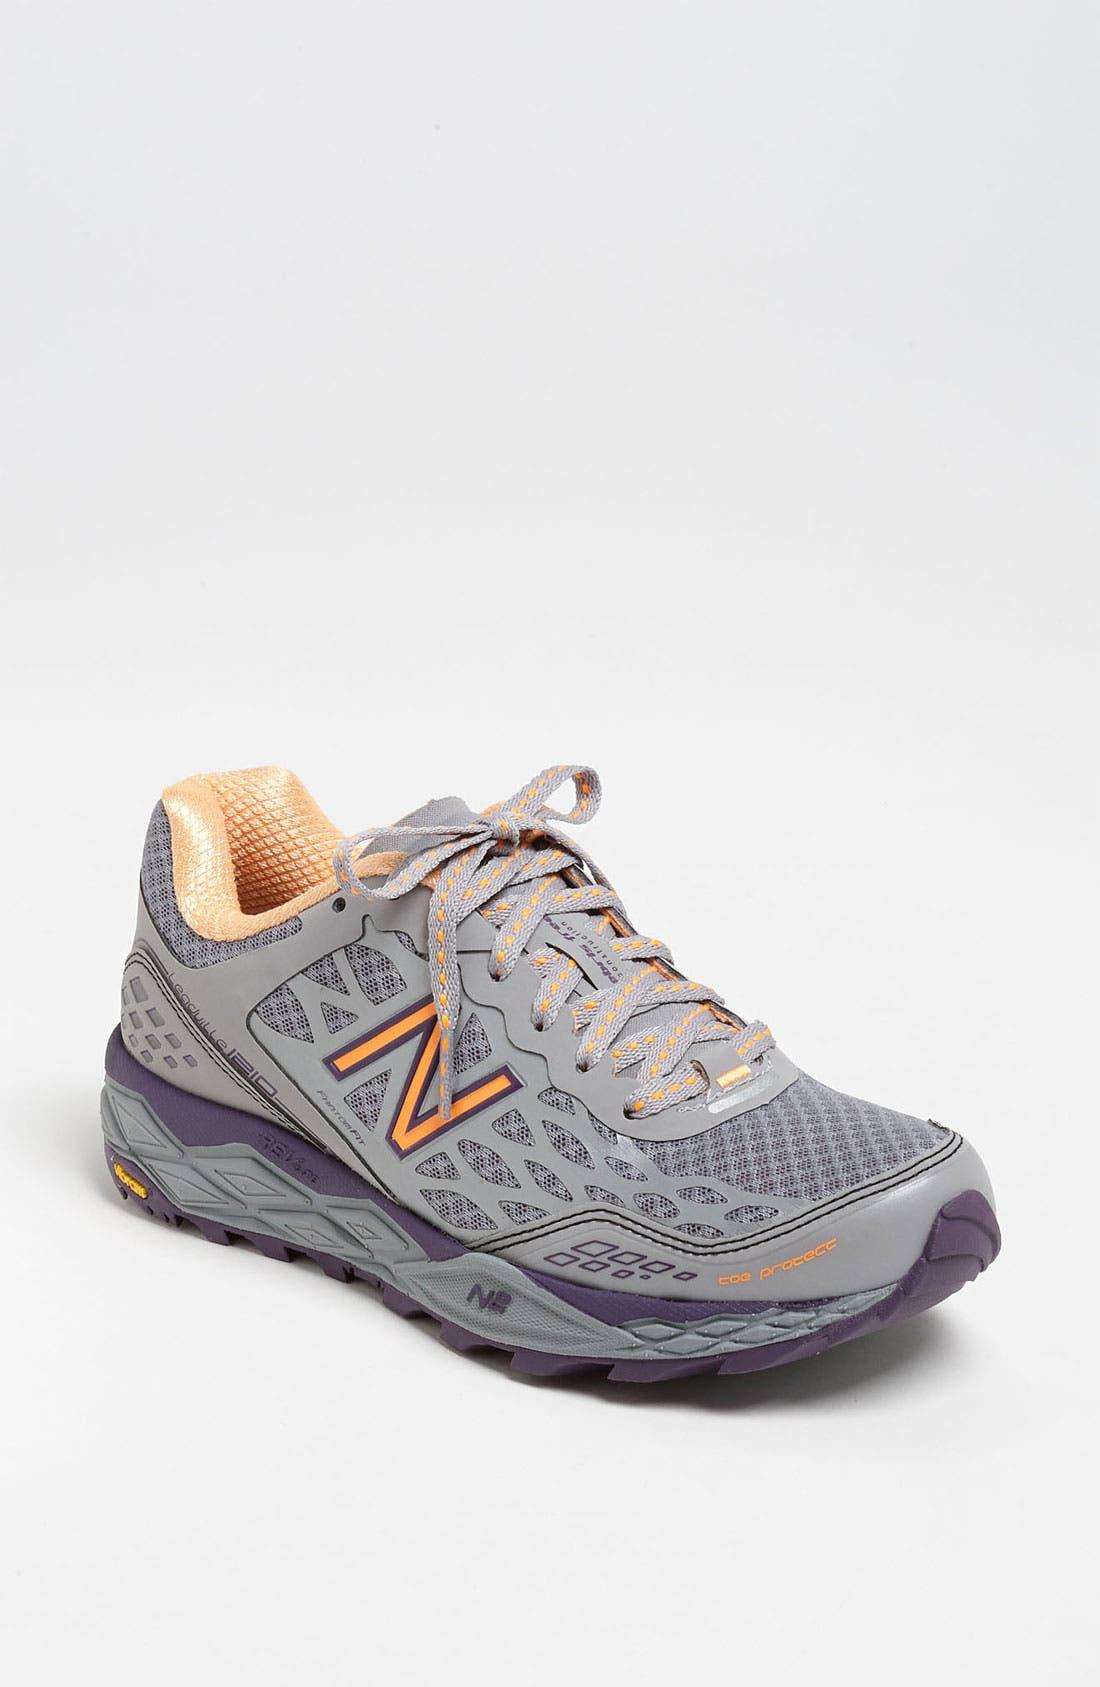 Main Image - New Balance 'Leadville 1210 V1' Trail Running Shoe (Women)